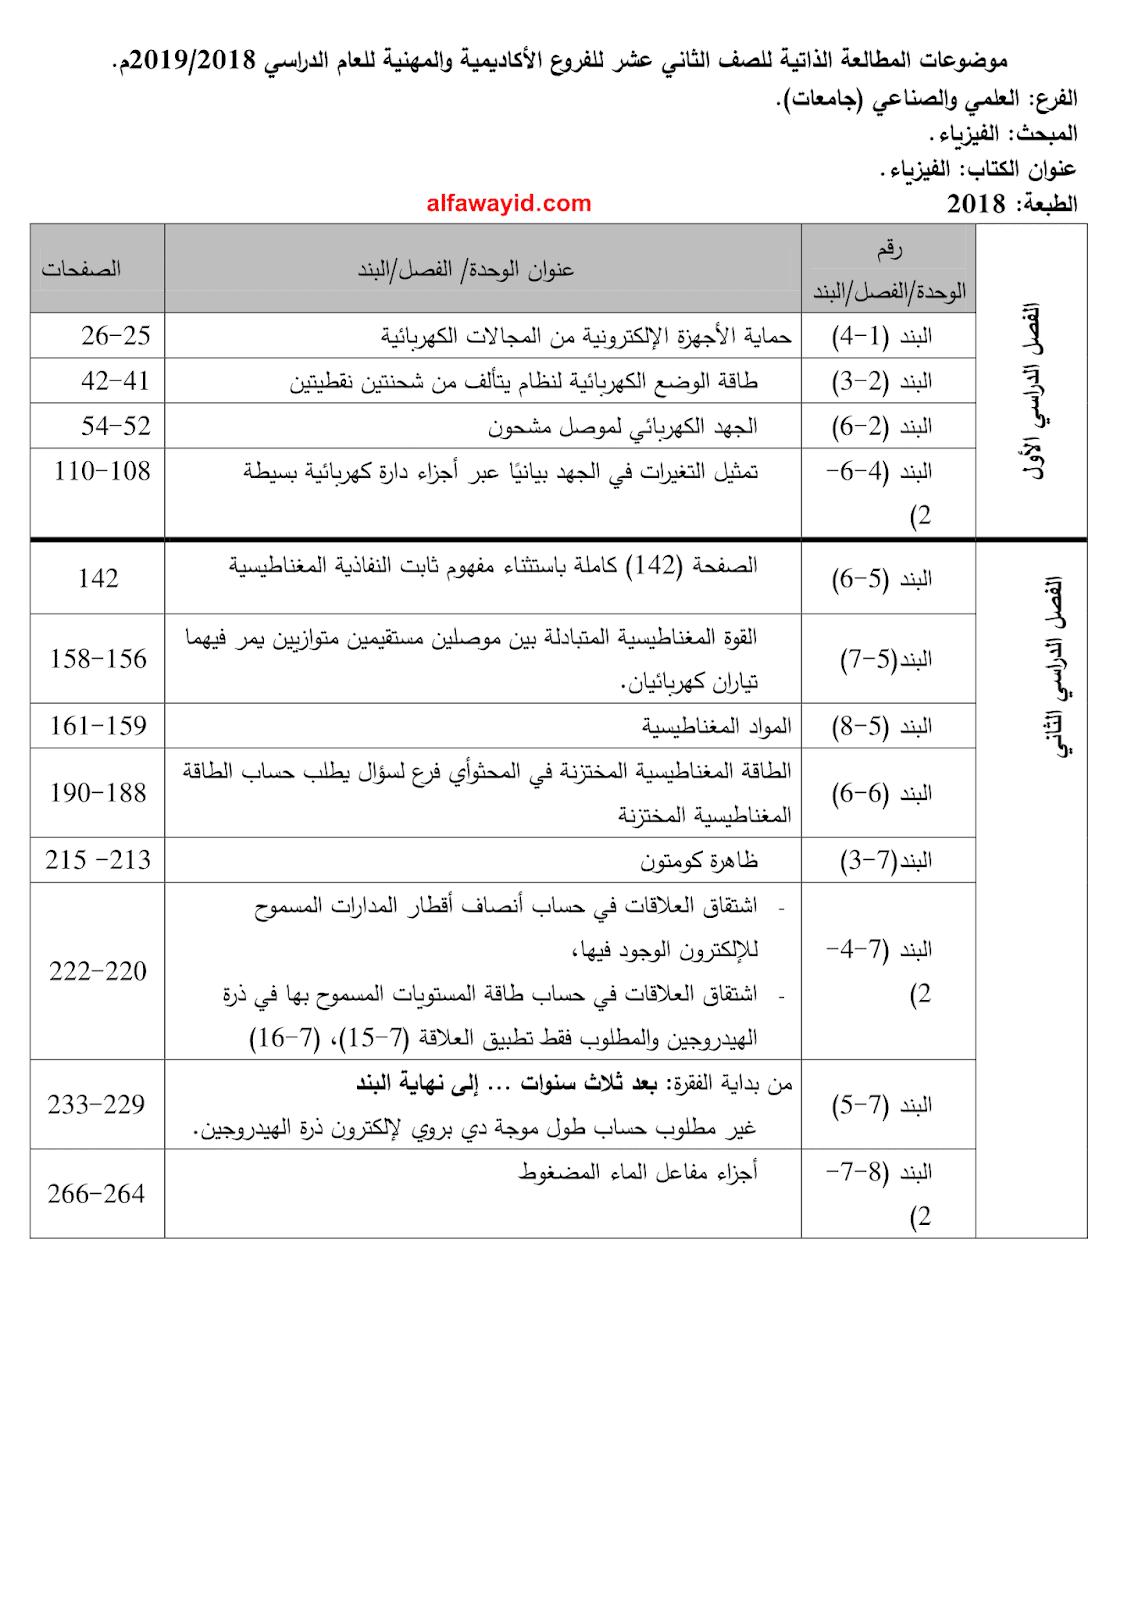 حل أسئلة كتاب الفيزياء توجيهي 2021